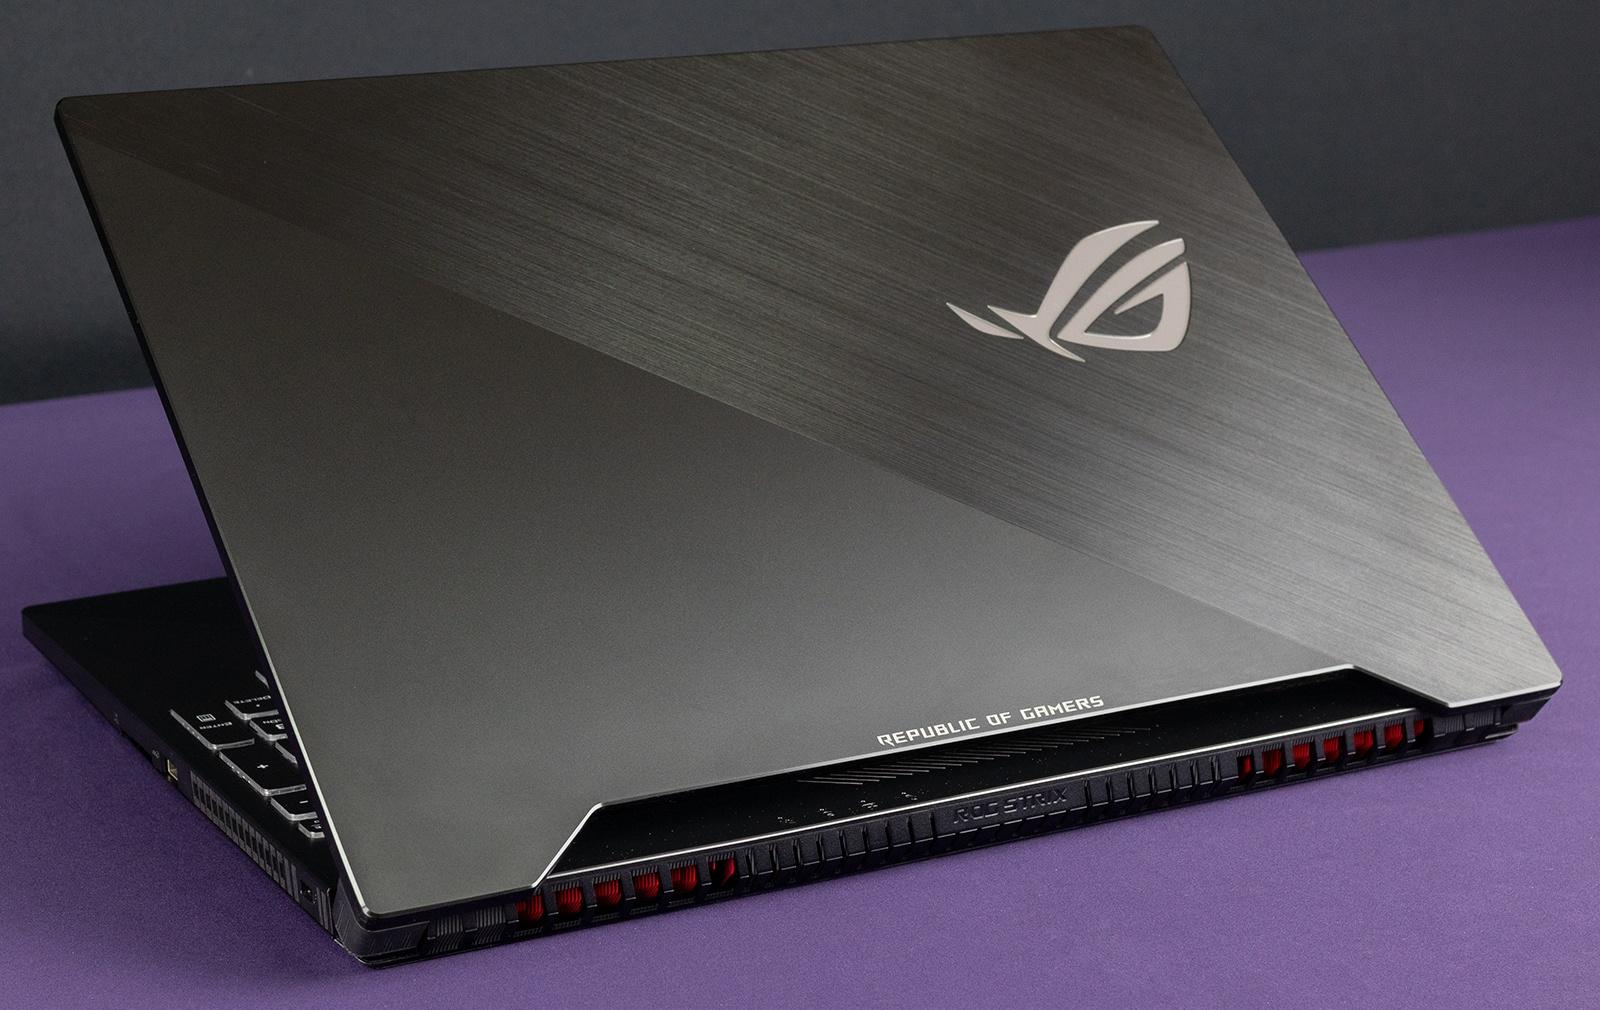 Обзор игровых ноутбуков ASUS ROG Strix GL504GS SCAR II и ASUS ROG Strix GL504GM HERO II - 30